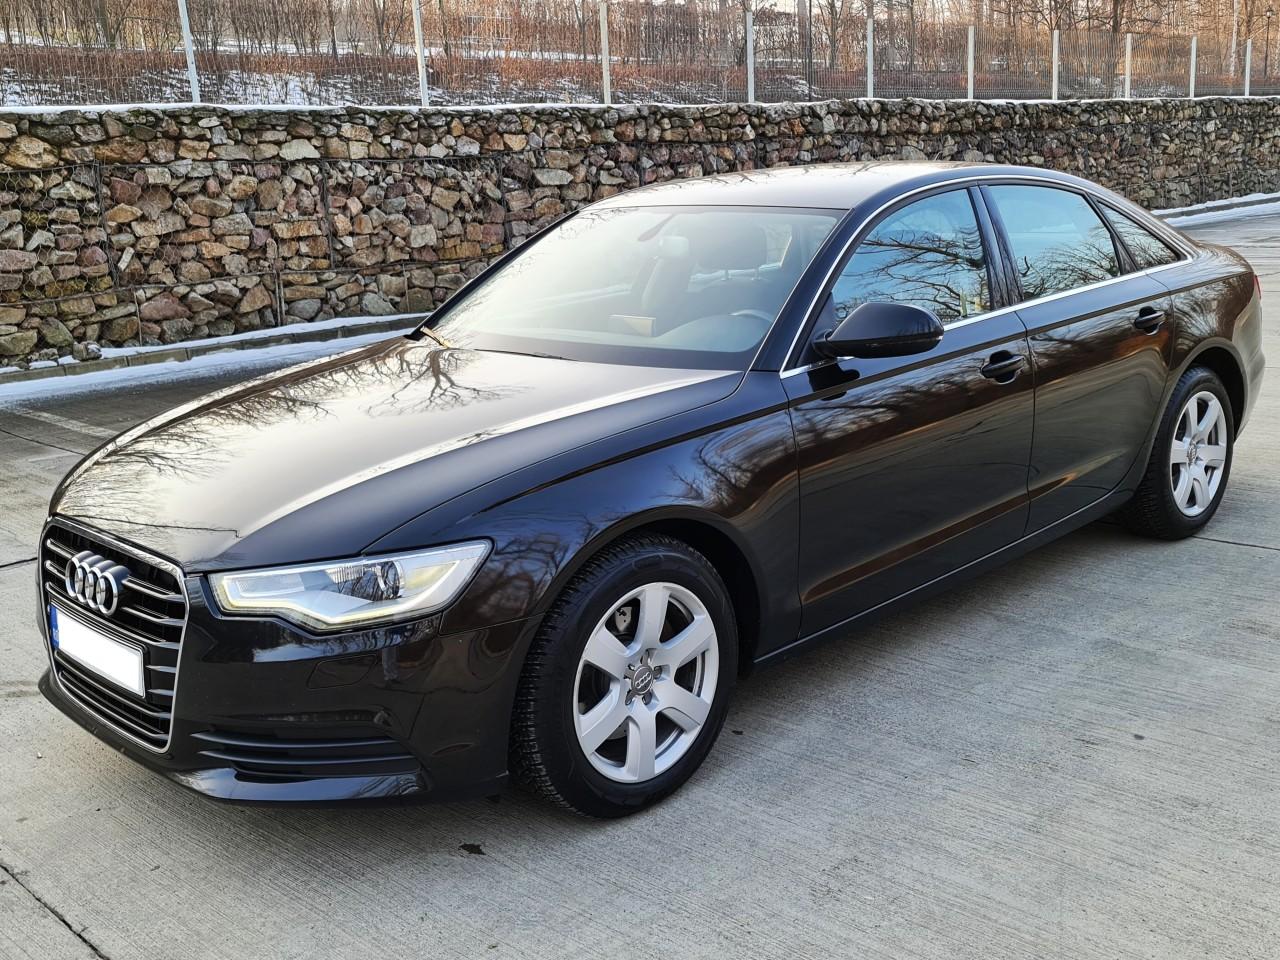 Audi A6 2.0 TDI 177 cp fab. 2012